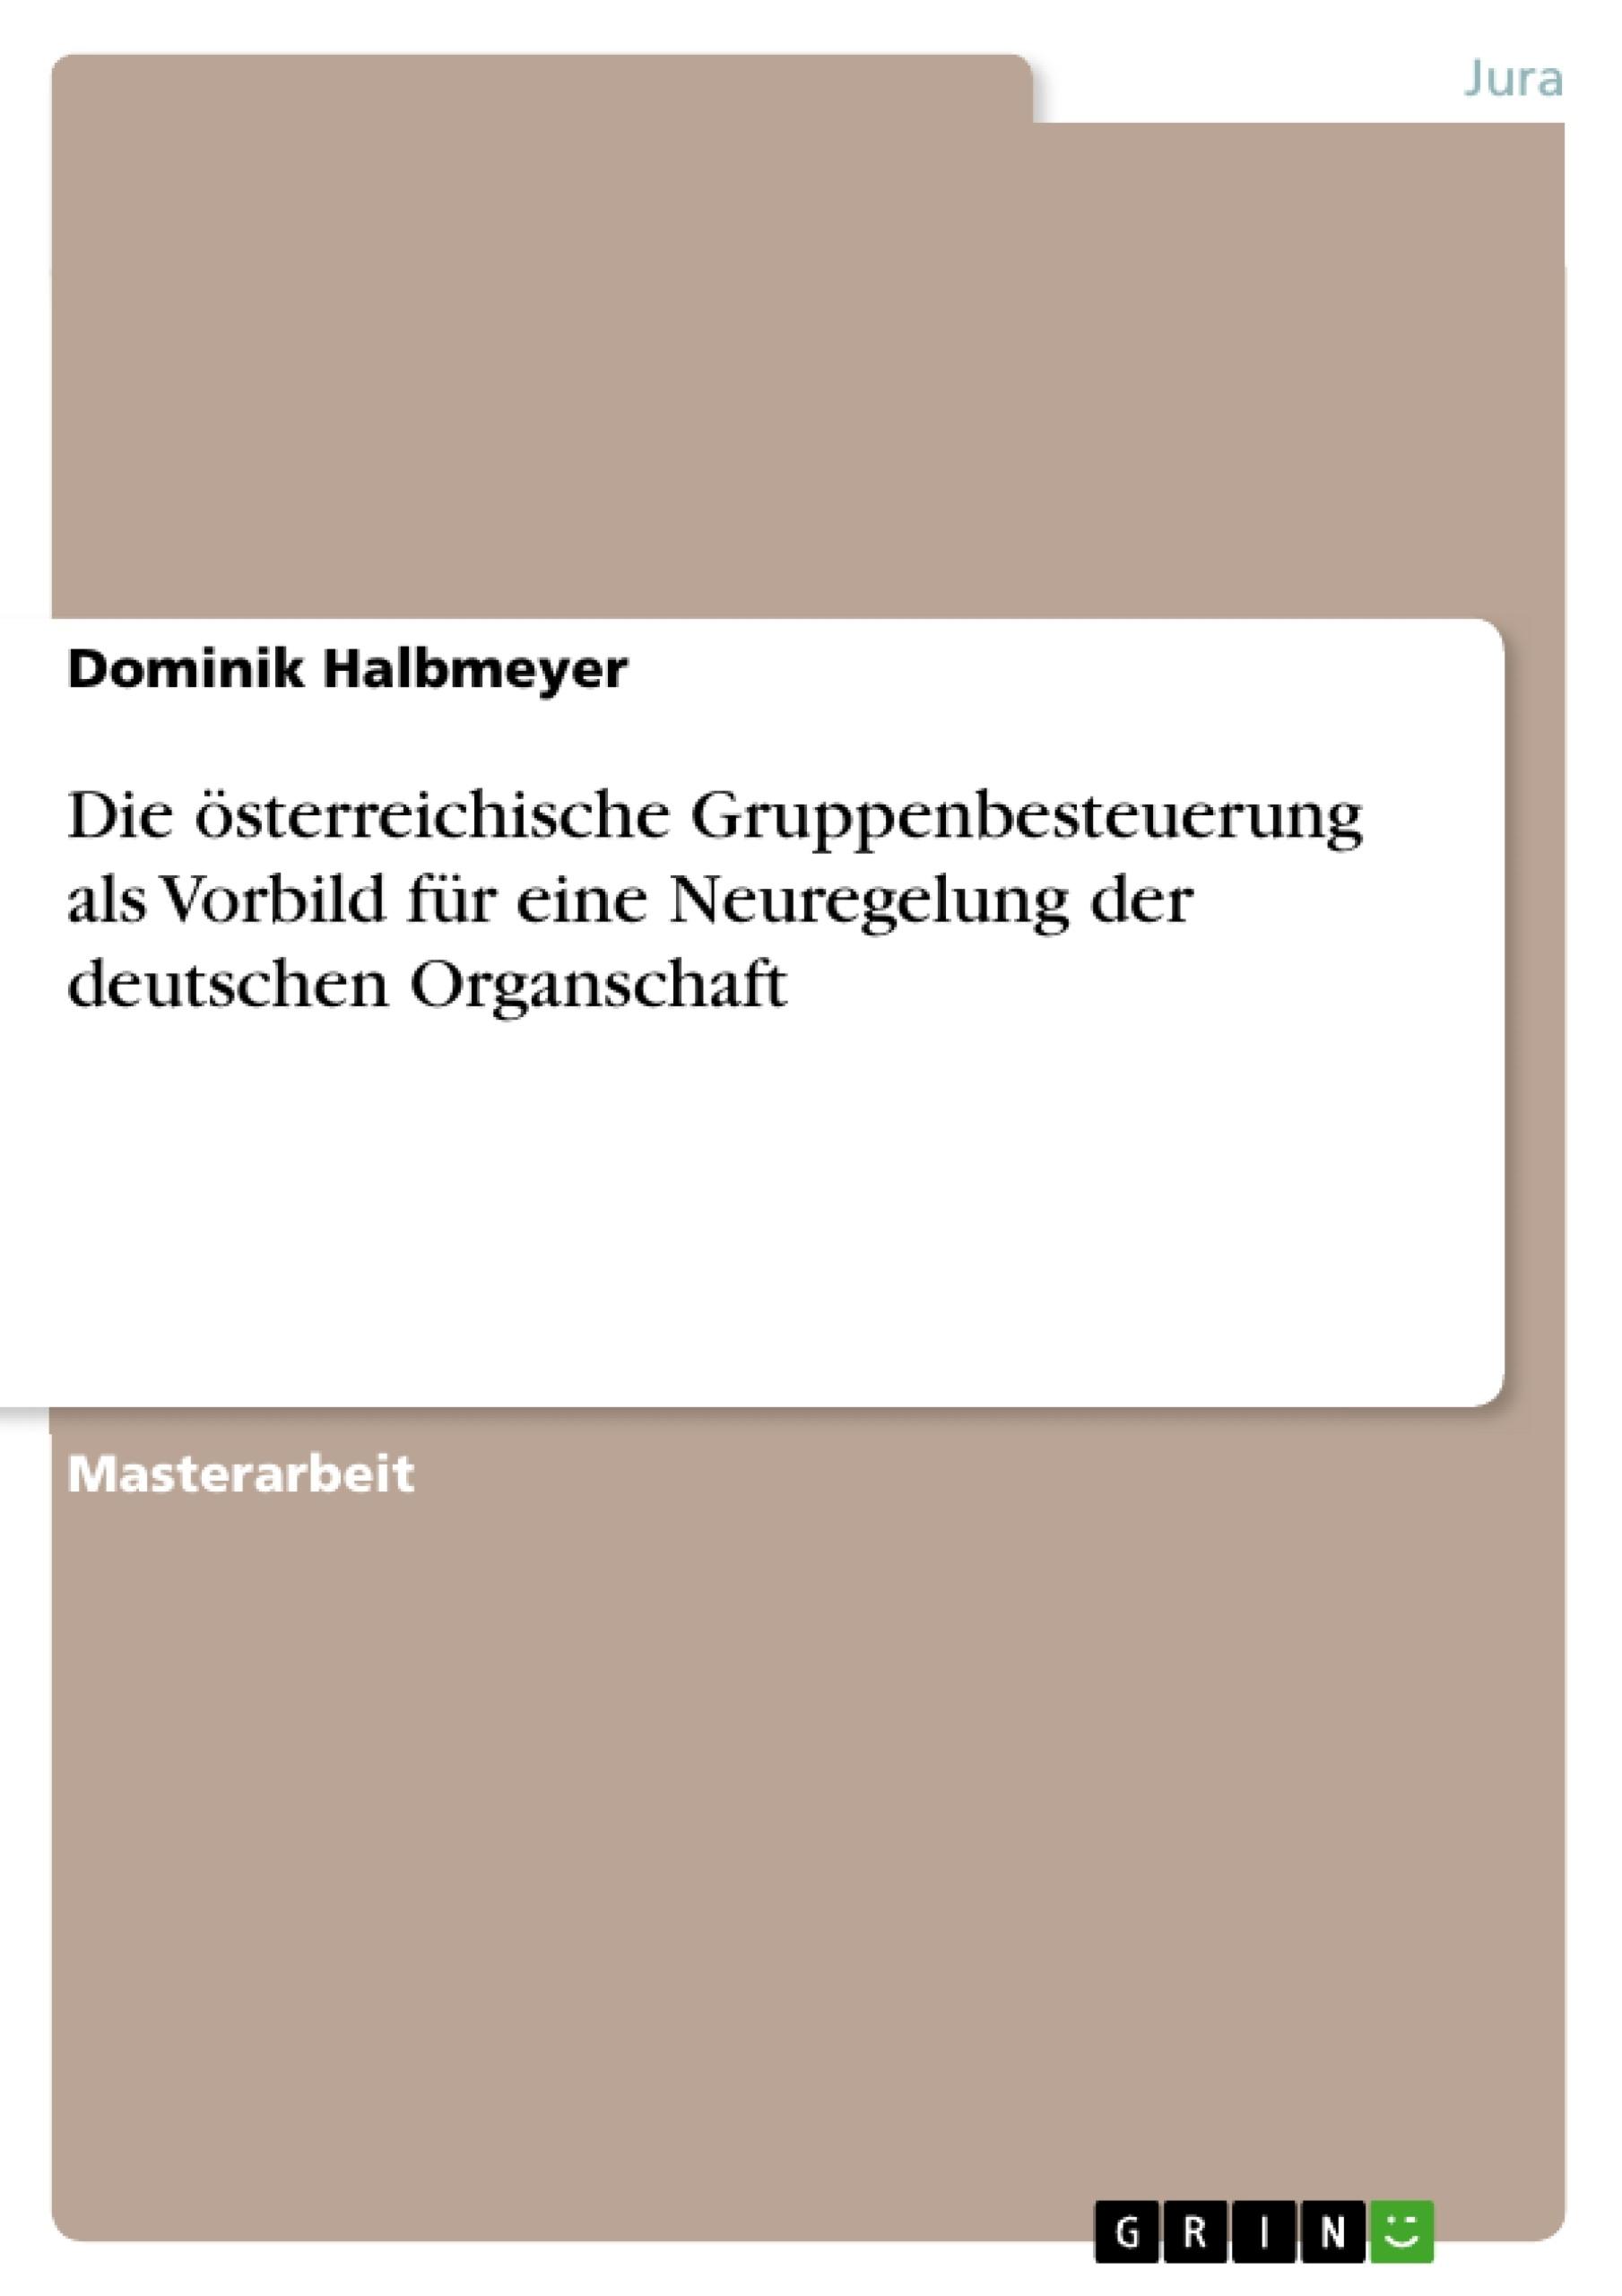 Titel: Die österreichische Gruppenbesteuerung als Vorbild für eine Neuregelung der deutschen Organschaft